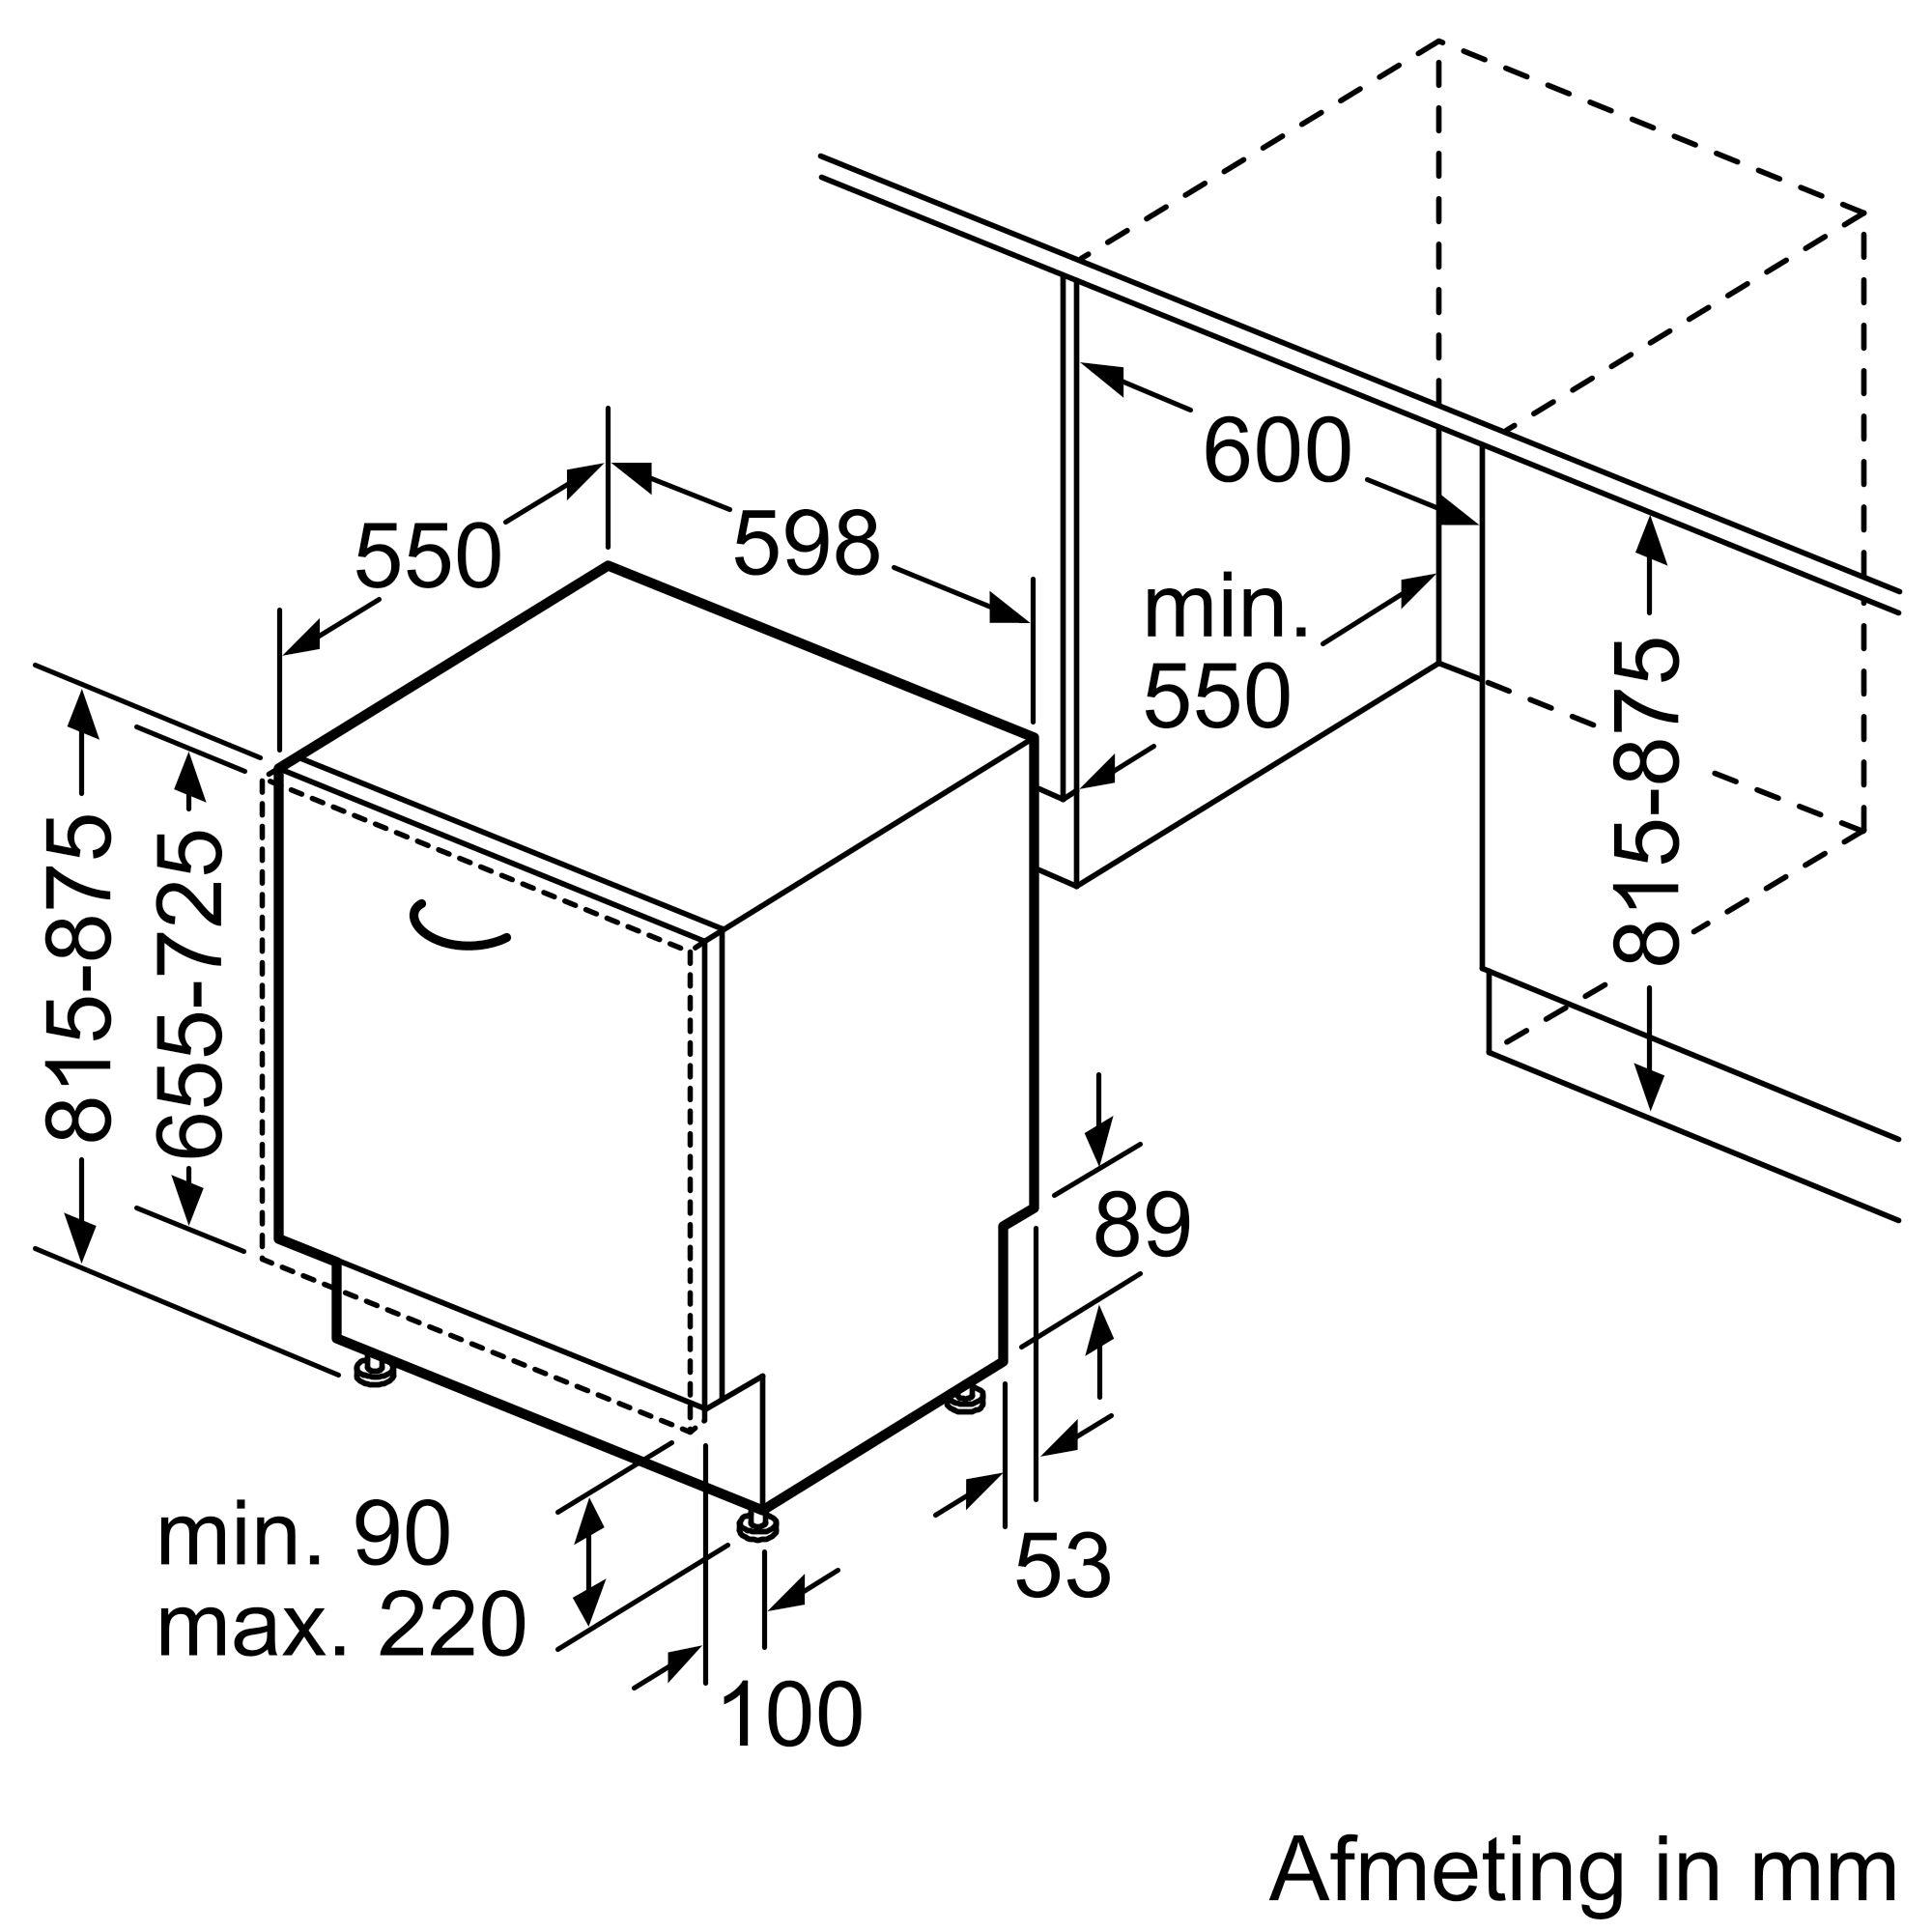 Maattekening SIEMENS vaatwasser inbouw SN63HX60CE